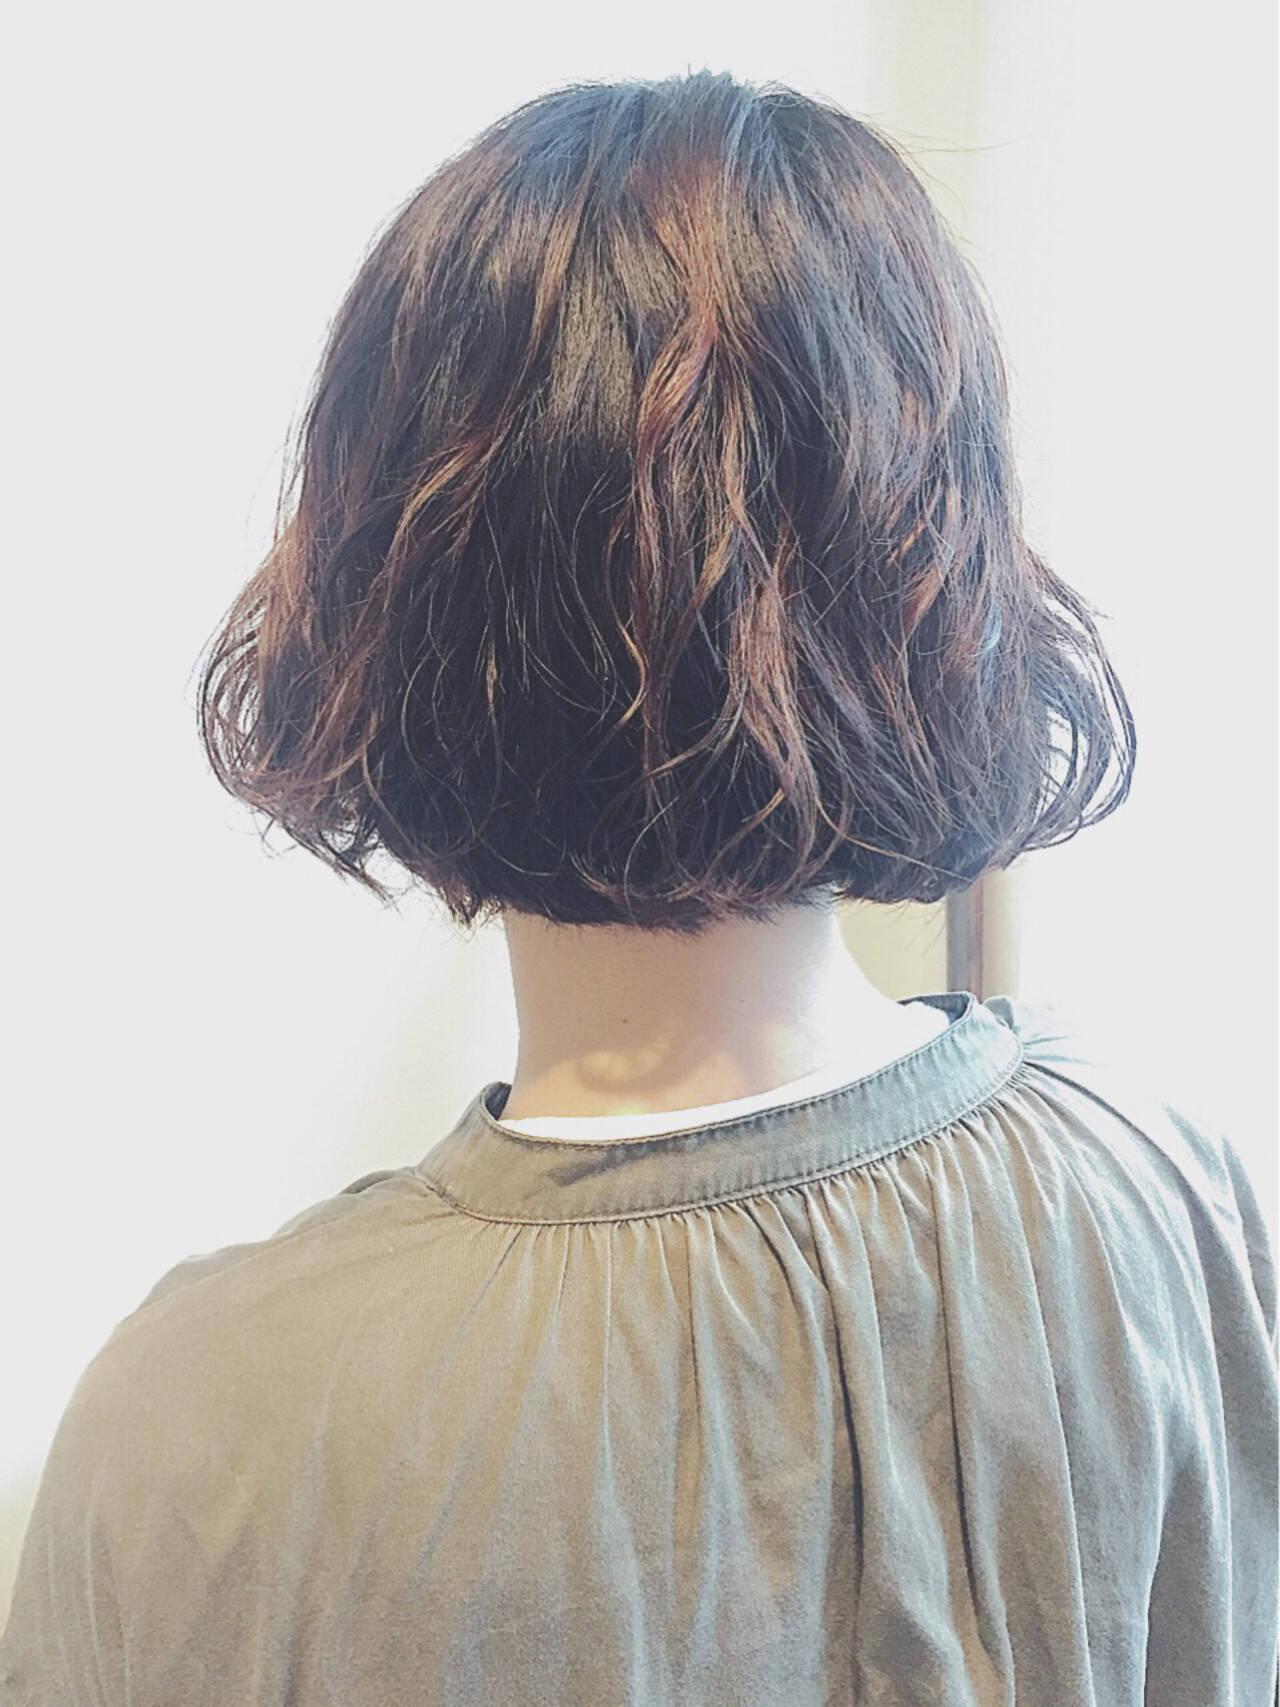 外国人風 ボブ 大人かわいい ハイライトヘアスタイルや髪型の写真・画像